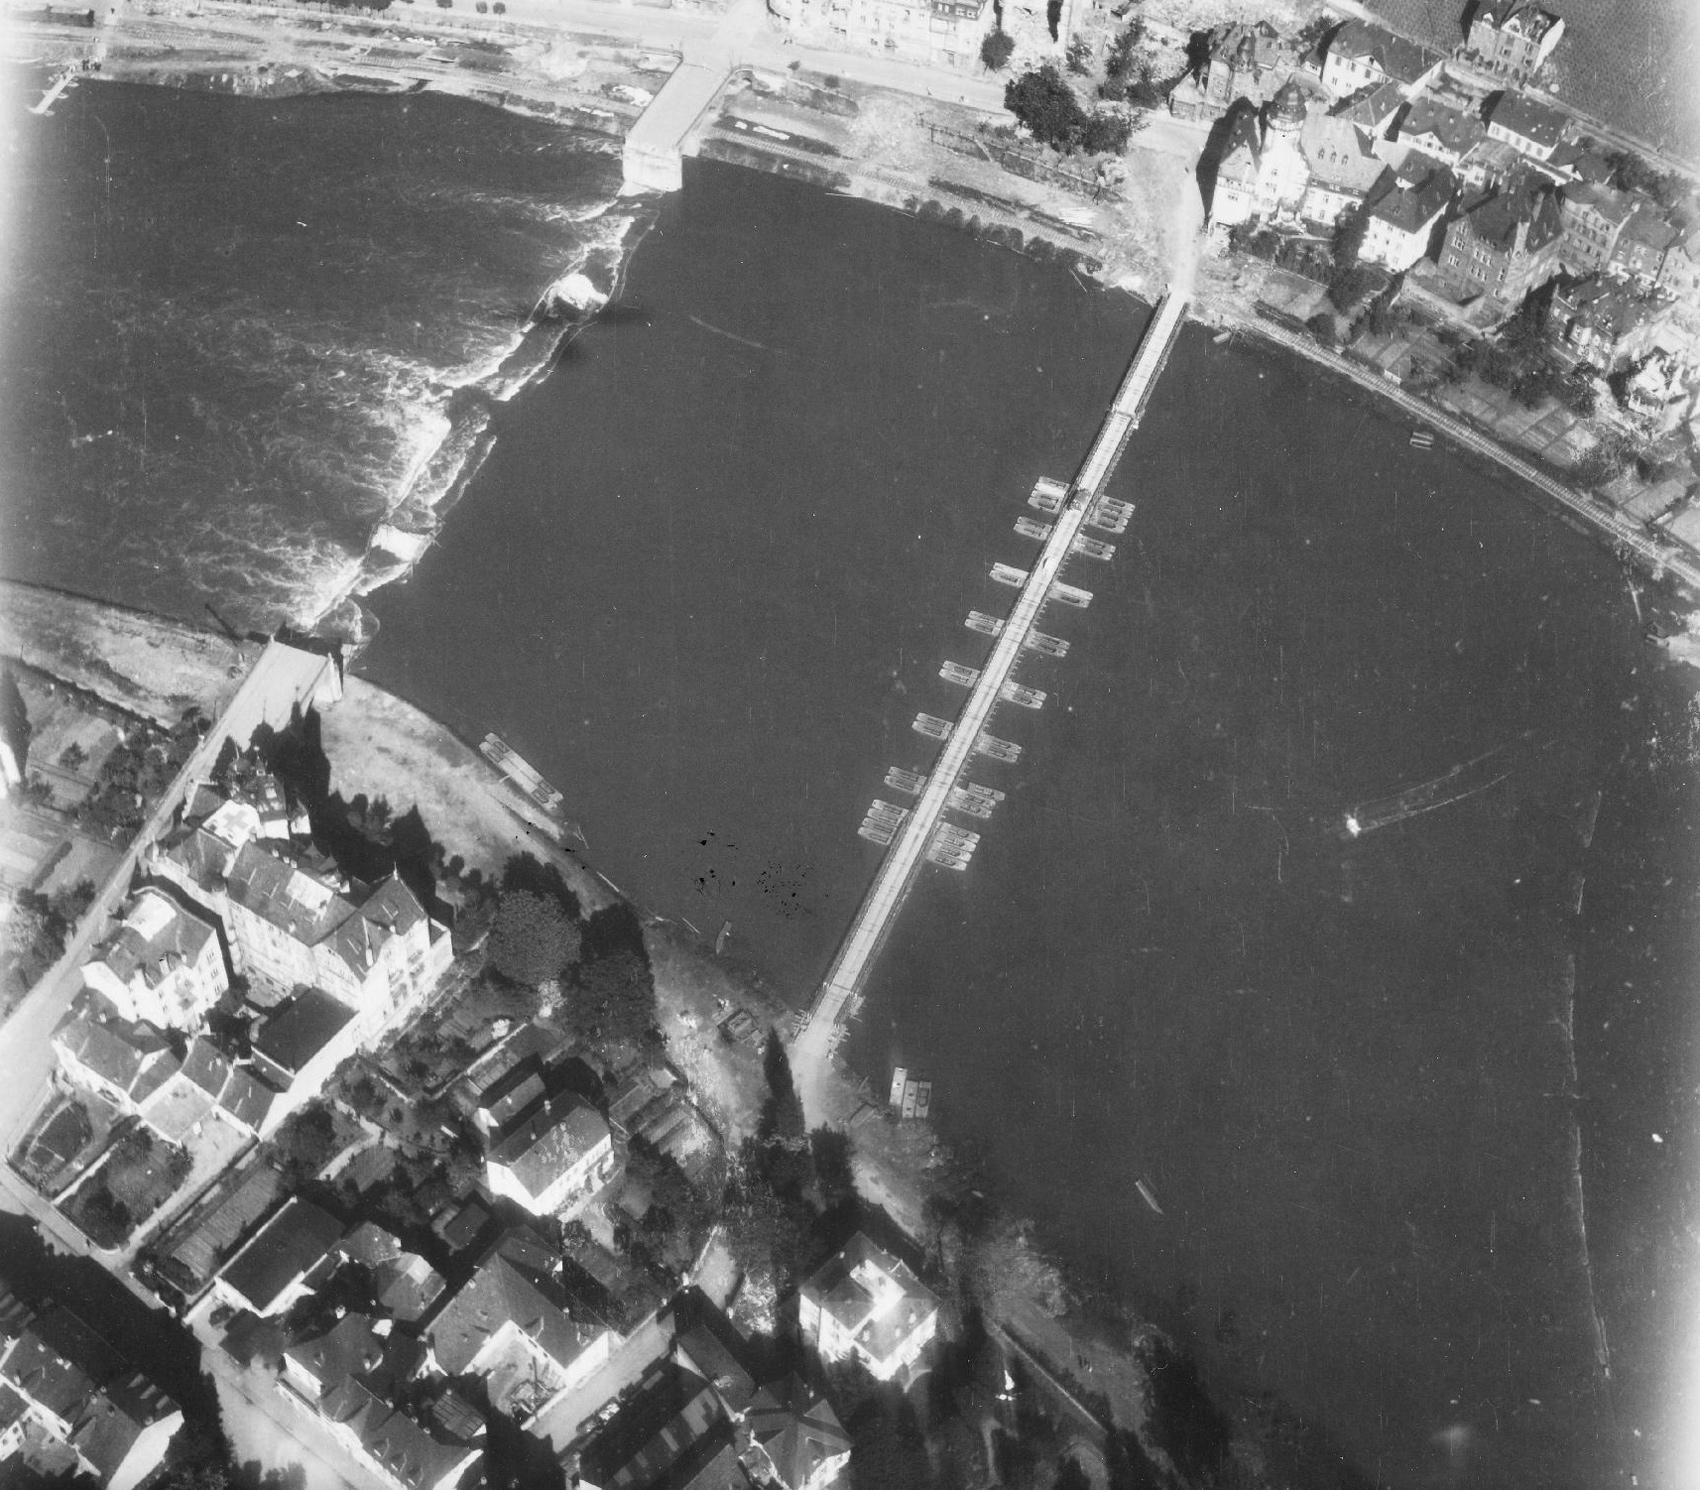 Luftbild von Bernkastel-Kues und der am 11. März 1945 gesprengten Moselbrücke